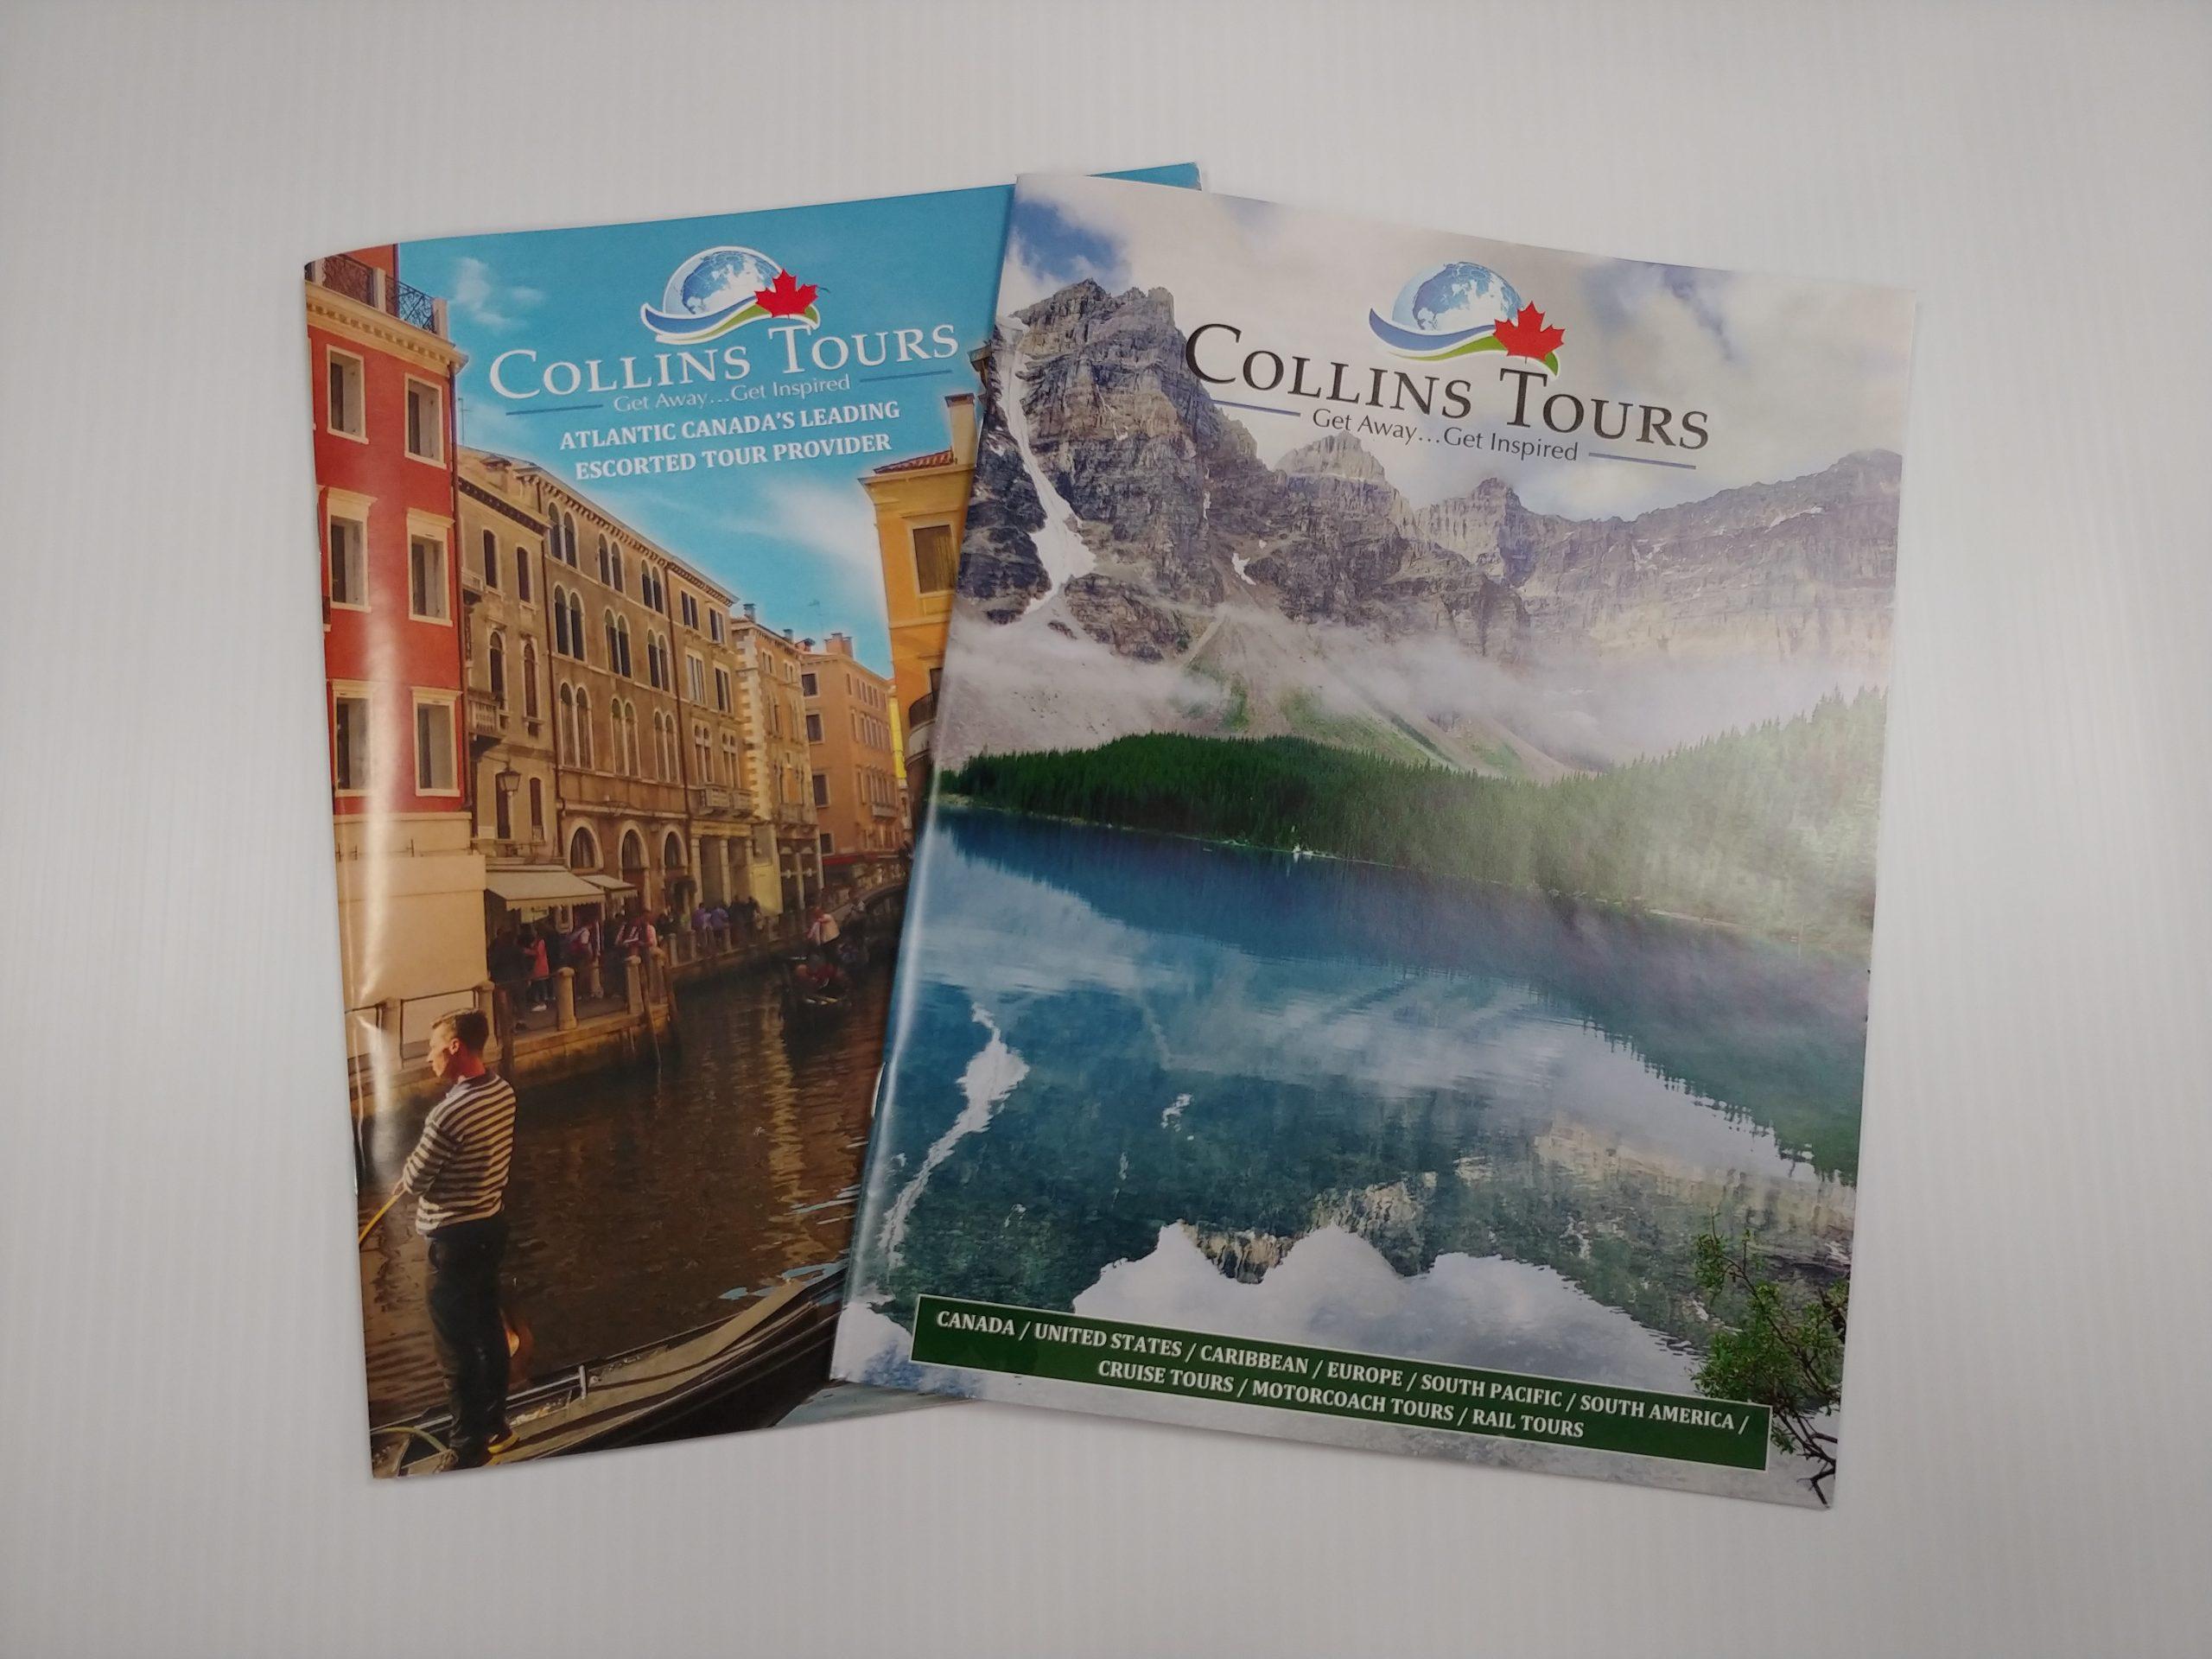 Collins Tours